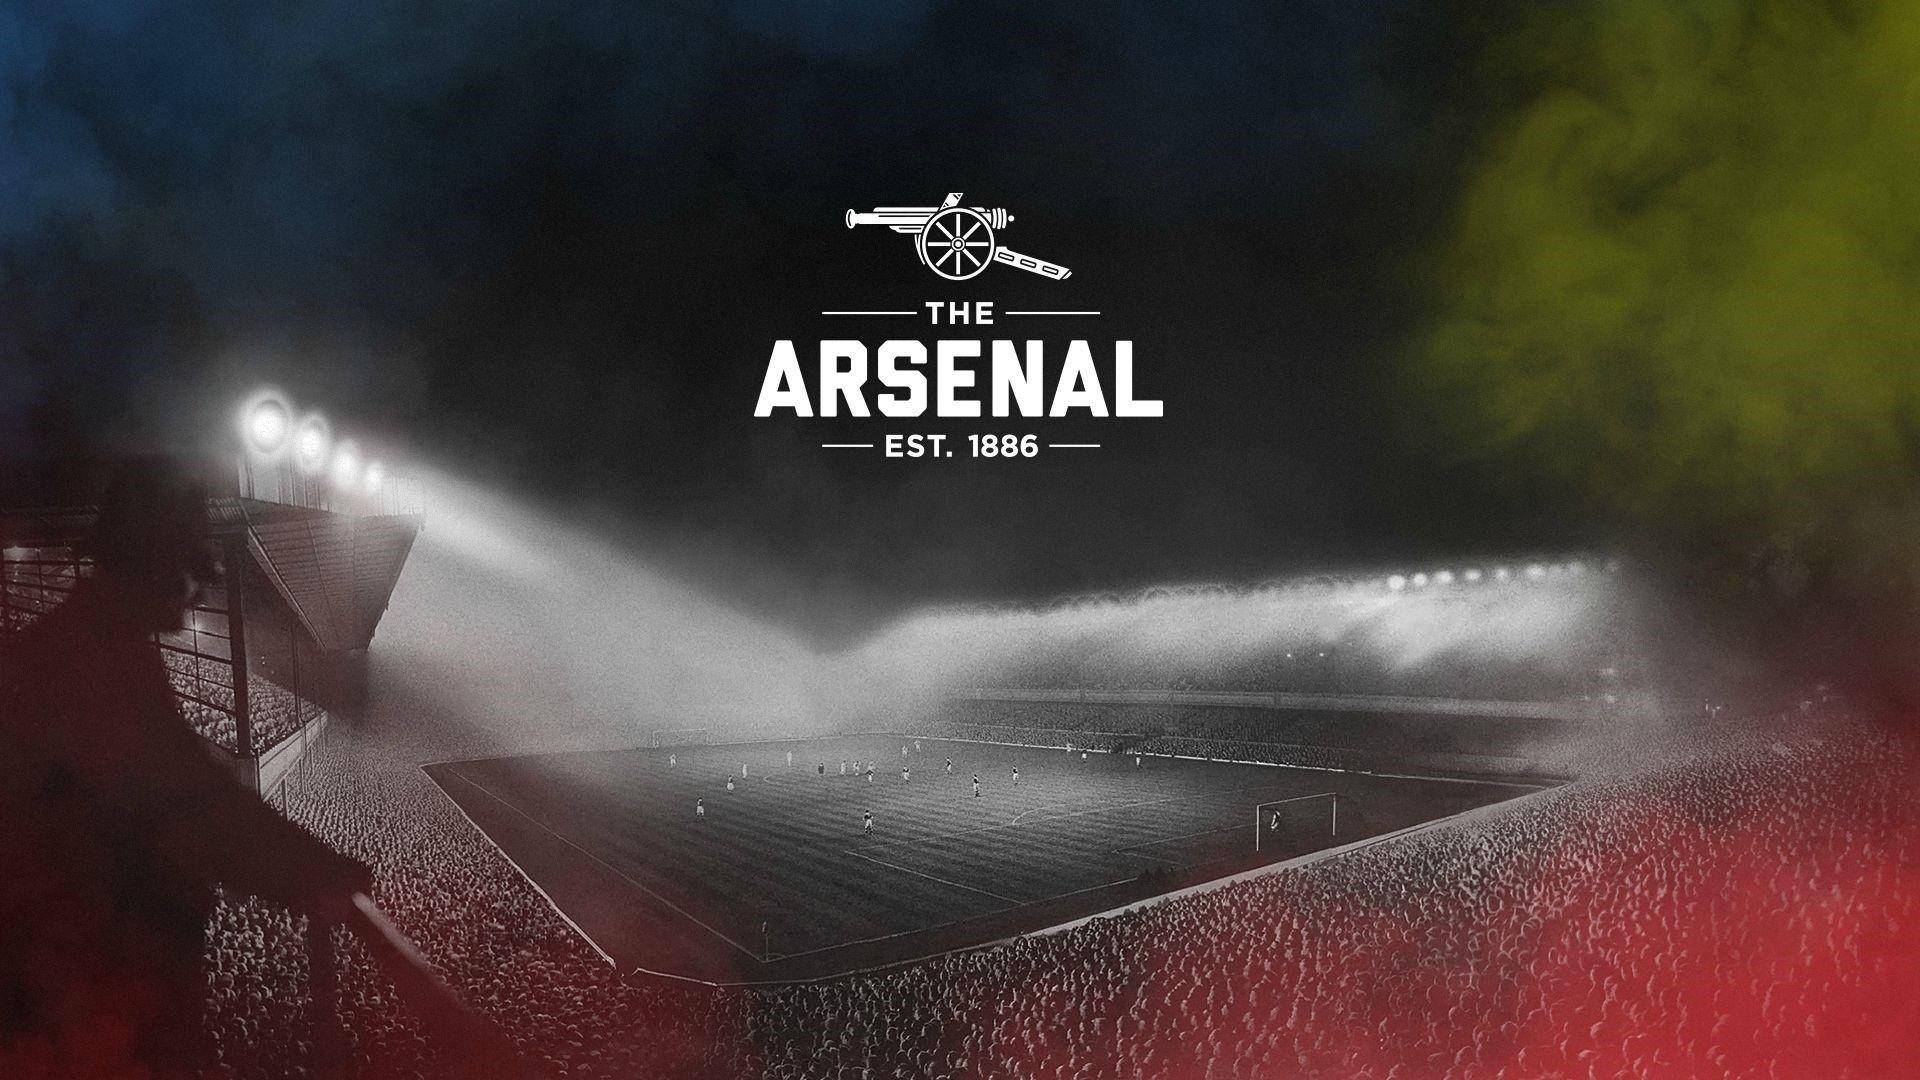 Arsenal a wallpaper